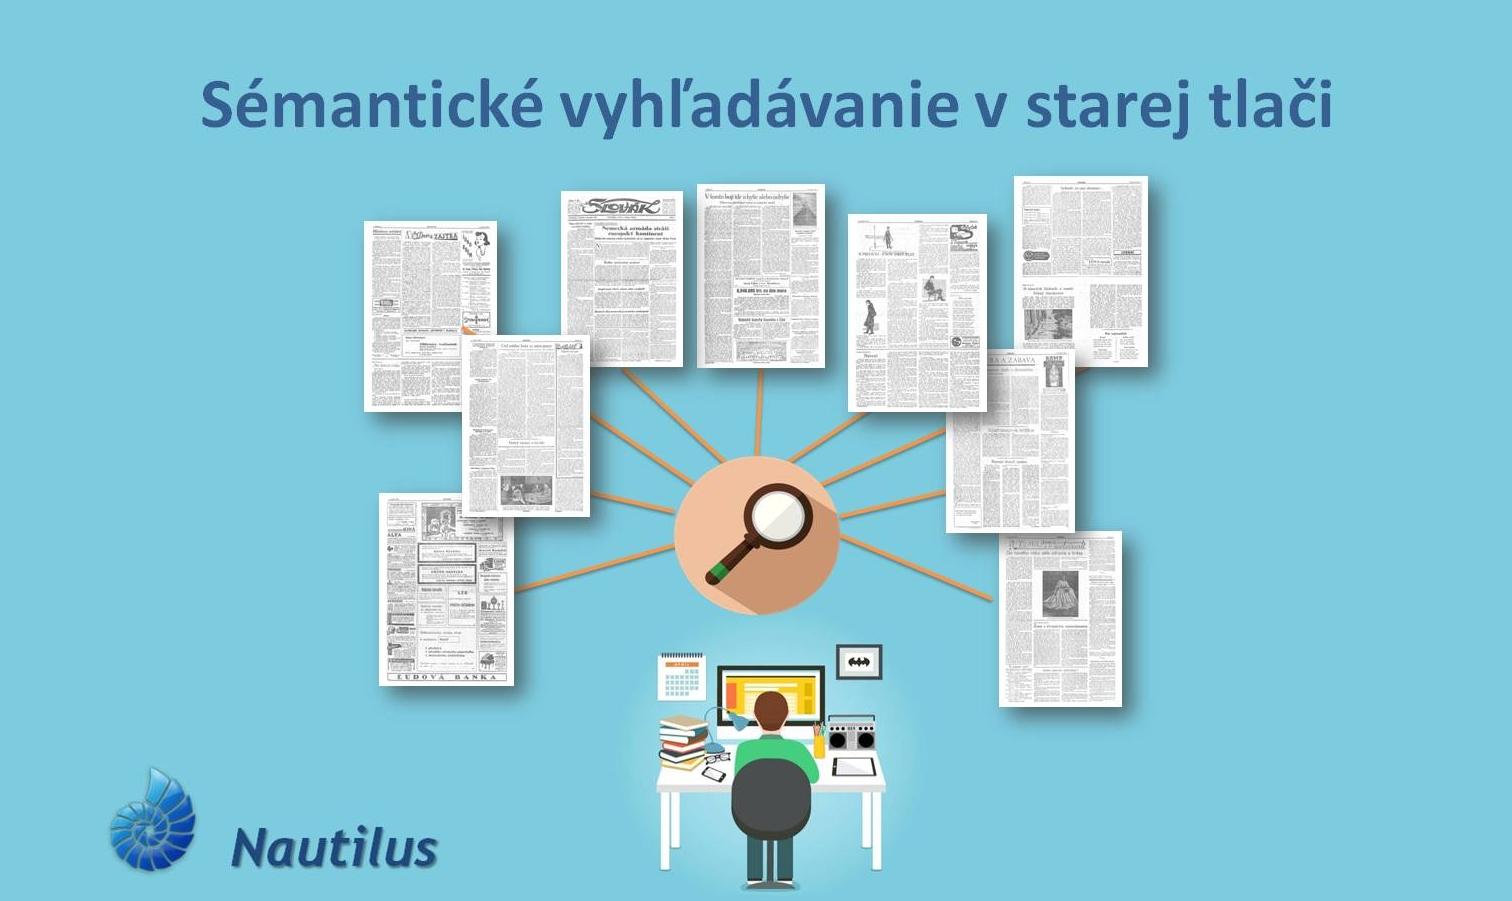 NAUTILUS - Pomáhame sprístupniť informácie 1